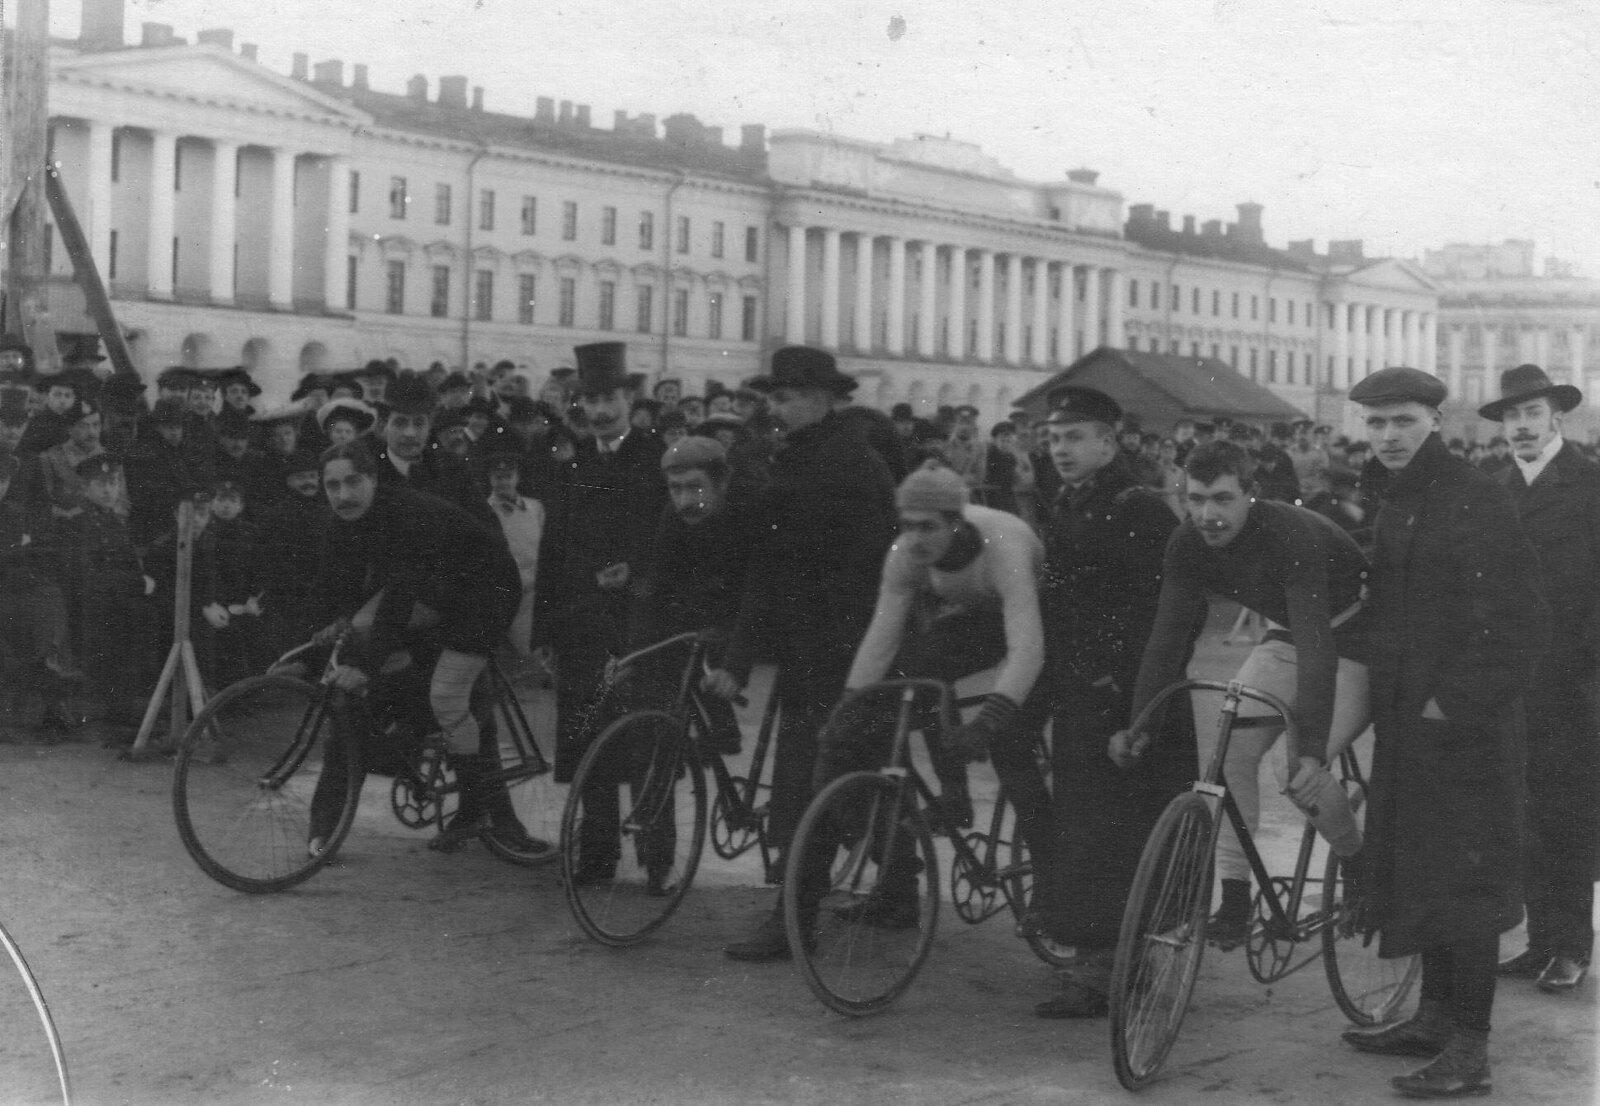 91. 1908. Старт велосипедной гонки на Марсовом поле